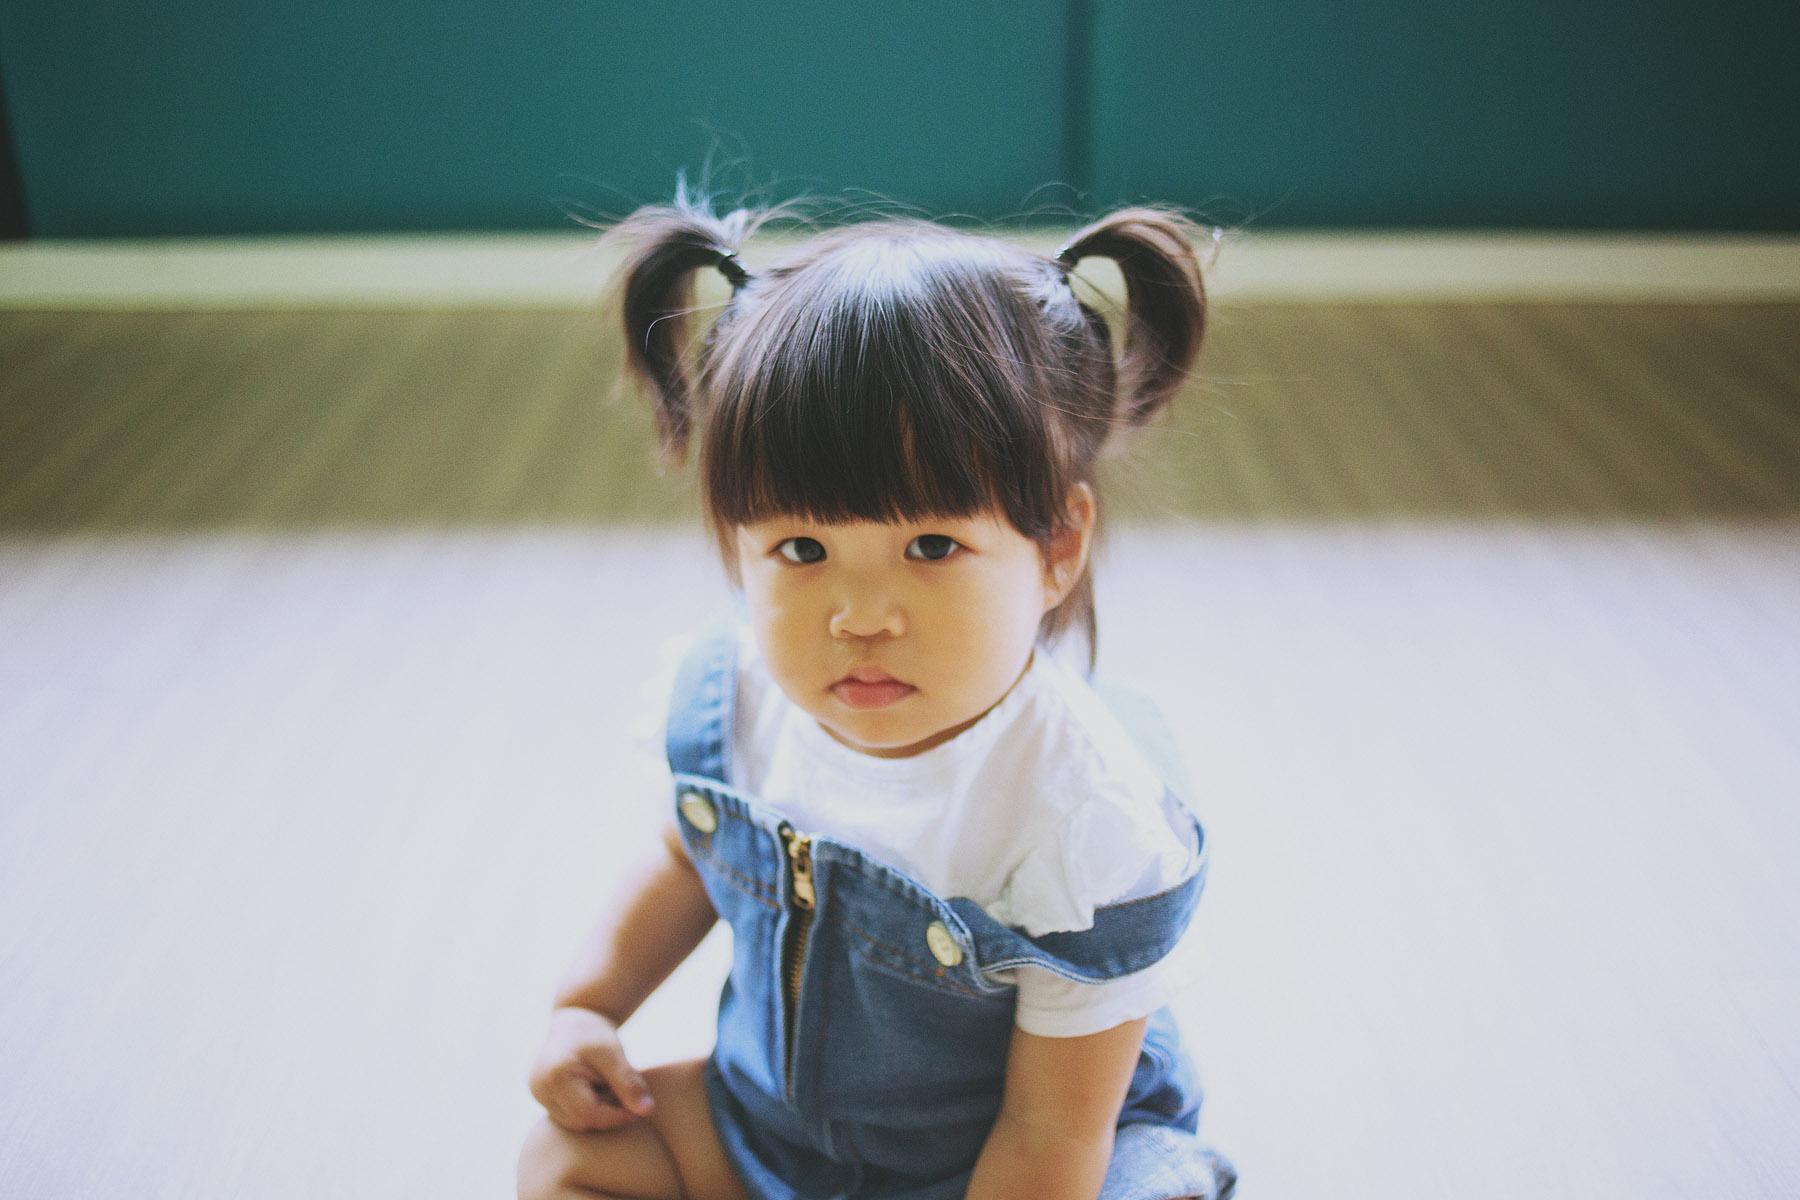 北大,家庭寫真,兒童寫真,孕婦寫真,親子寫真,兒童攝影,全家福照,桃園,台北,新竹,推薦,自然風格,生活風格,居家風格